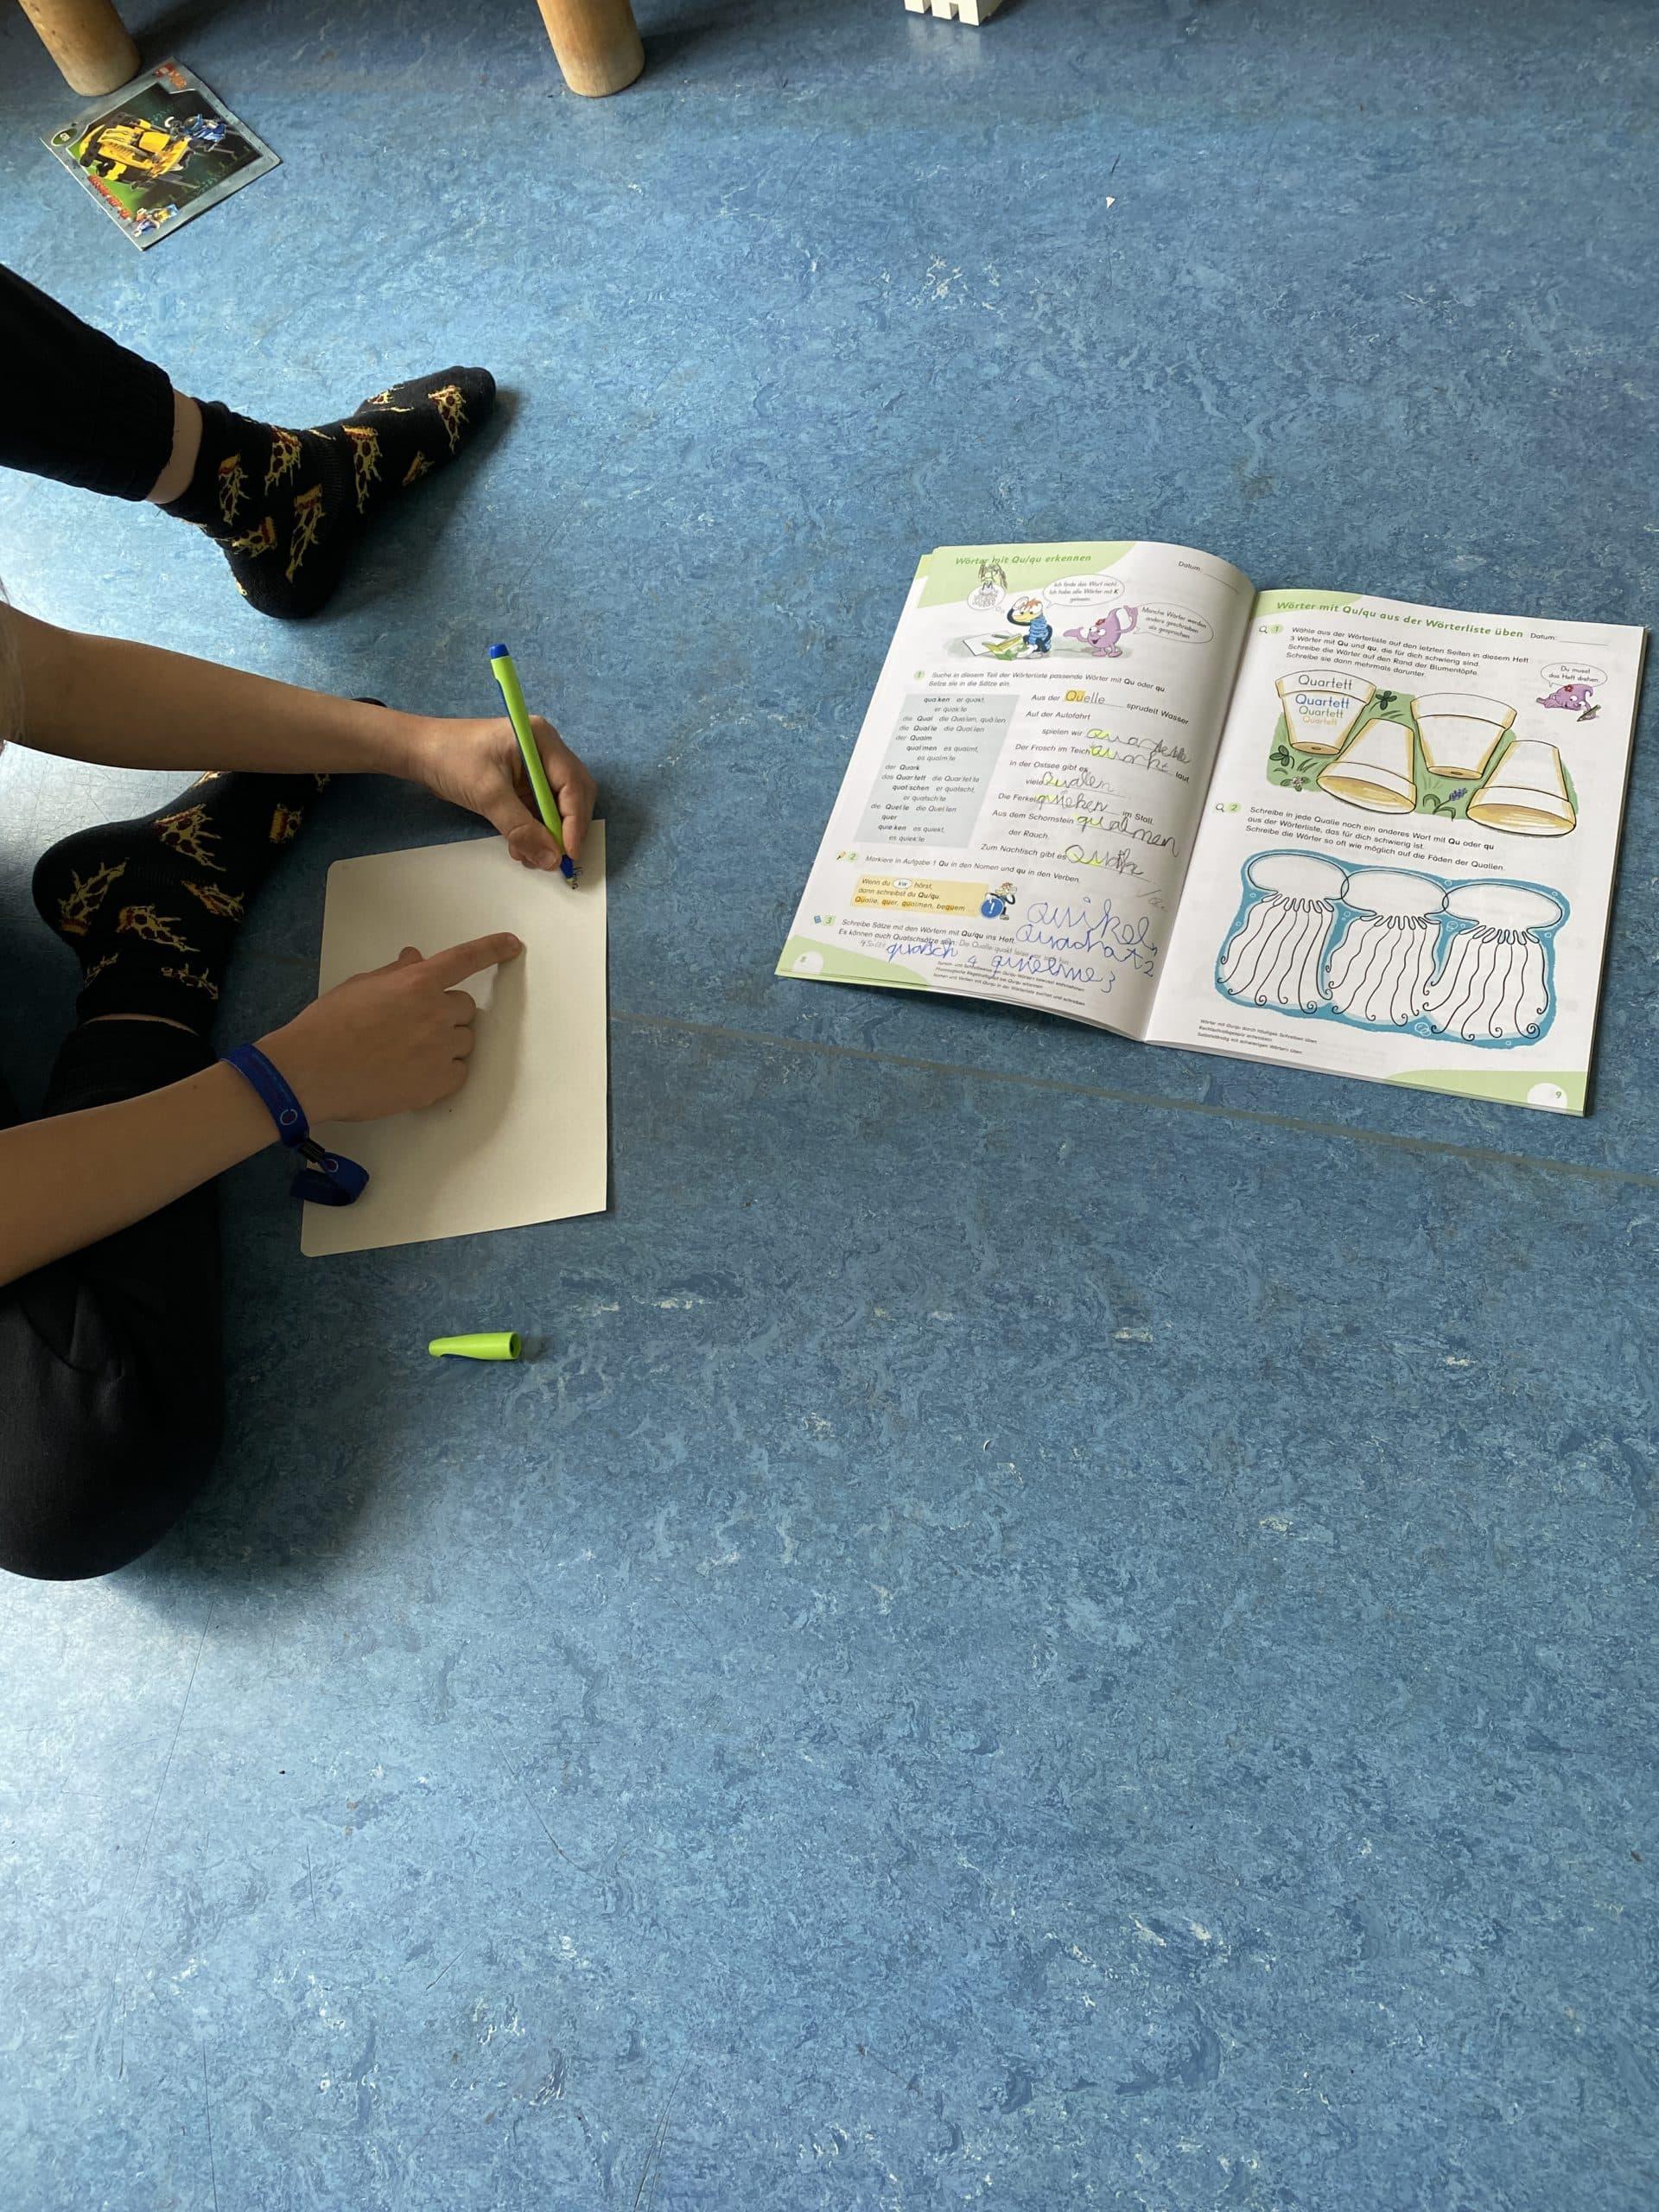 #4 Nach der Schule kommt das Kind heim und macht Hausaufgaben, am Tisch sitzen geht für das Kind nicht, also dann auf dem Boden.